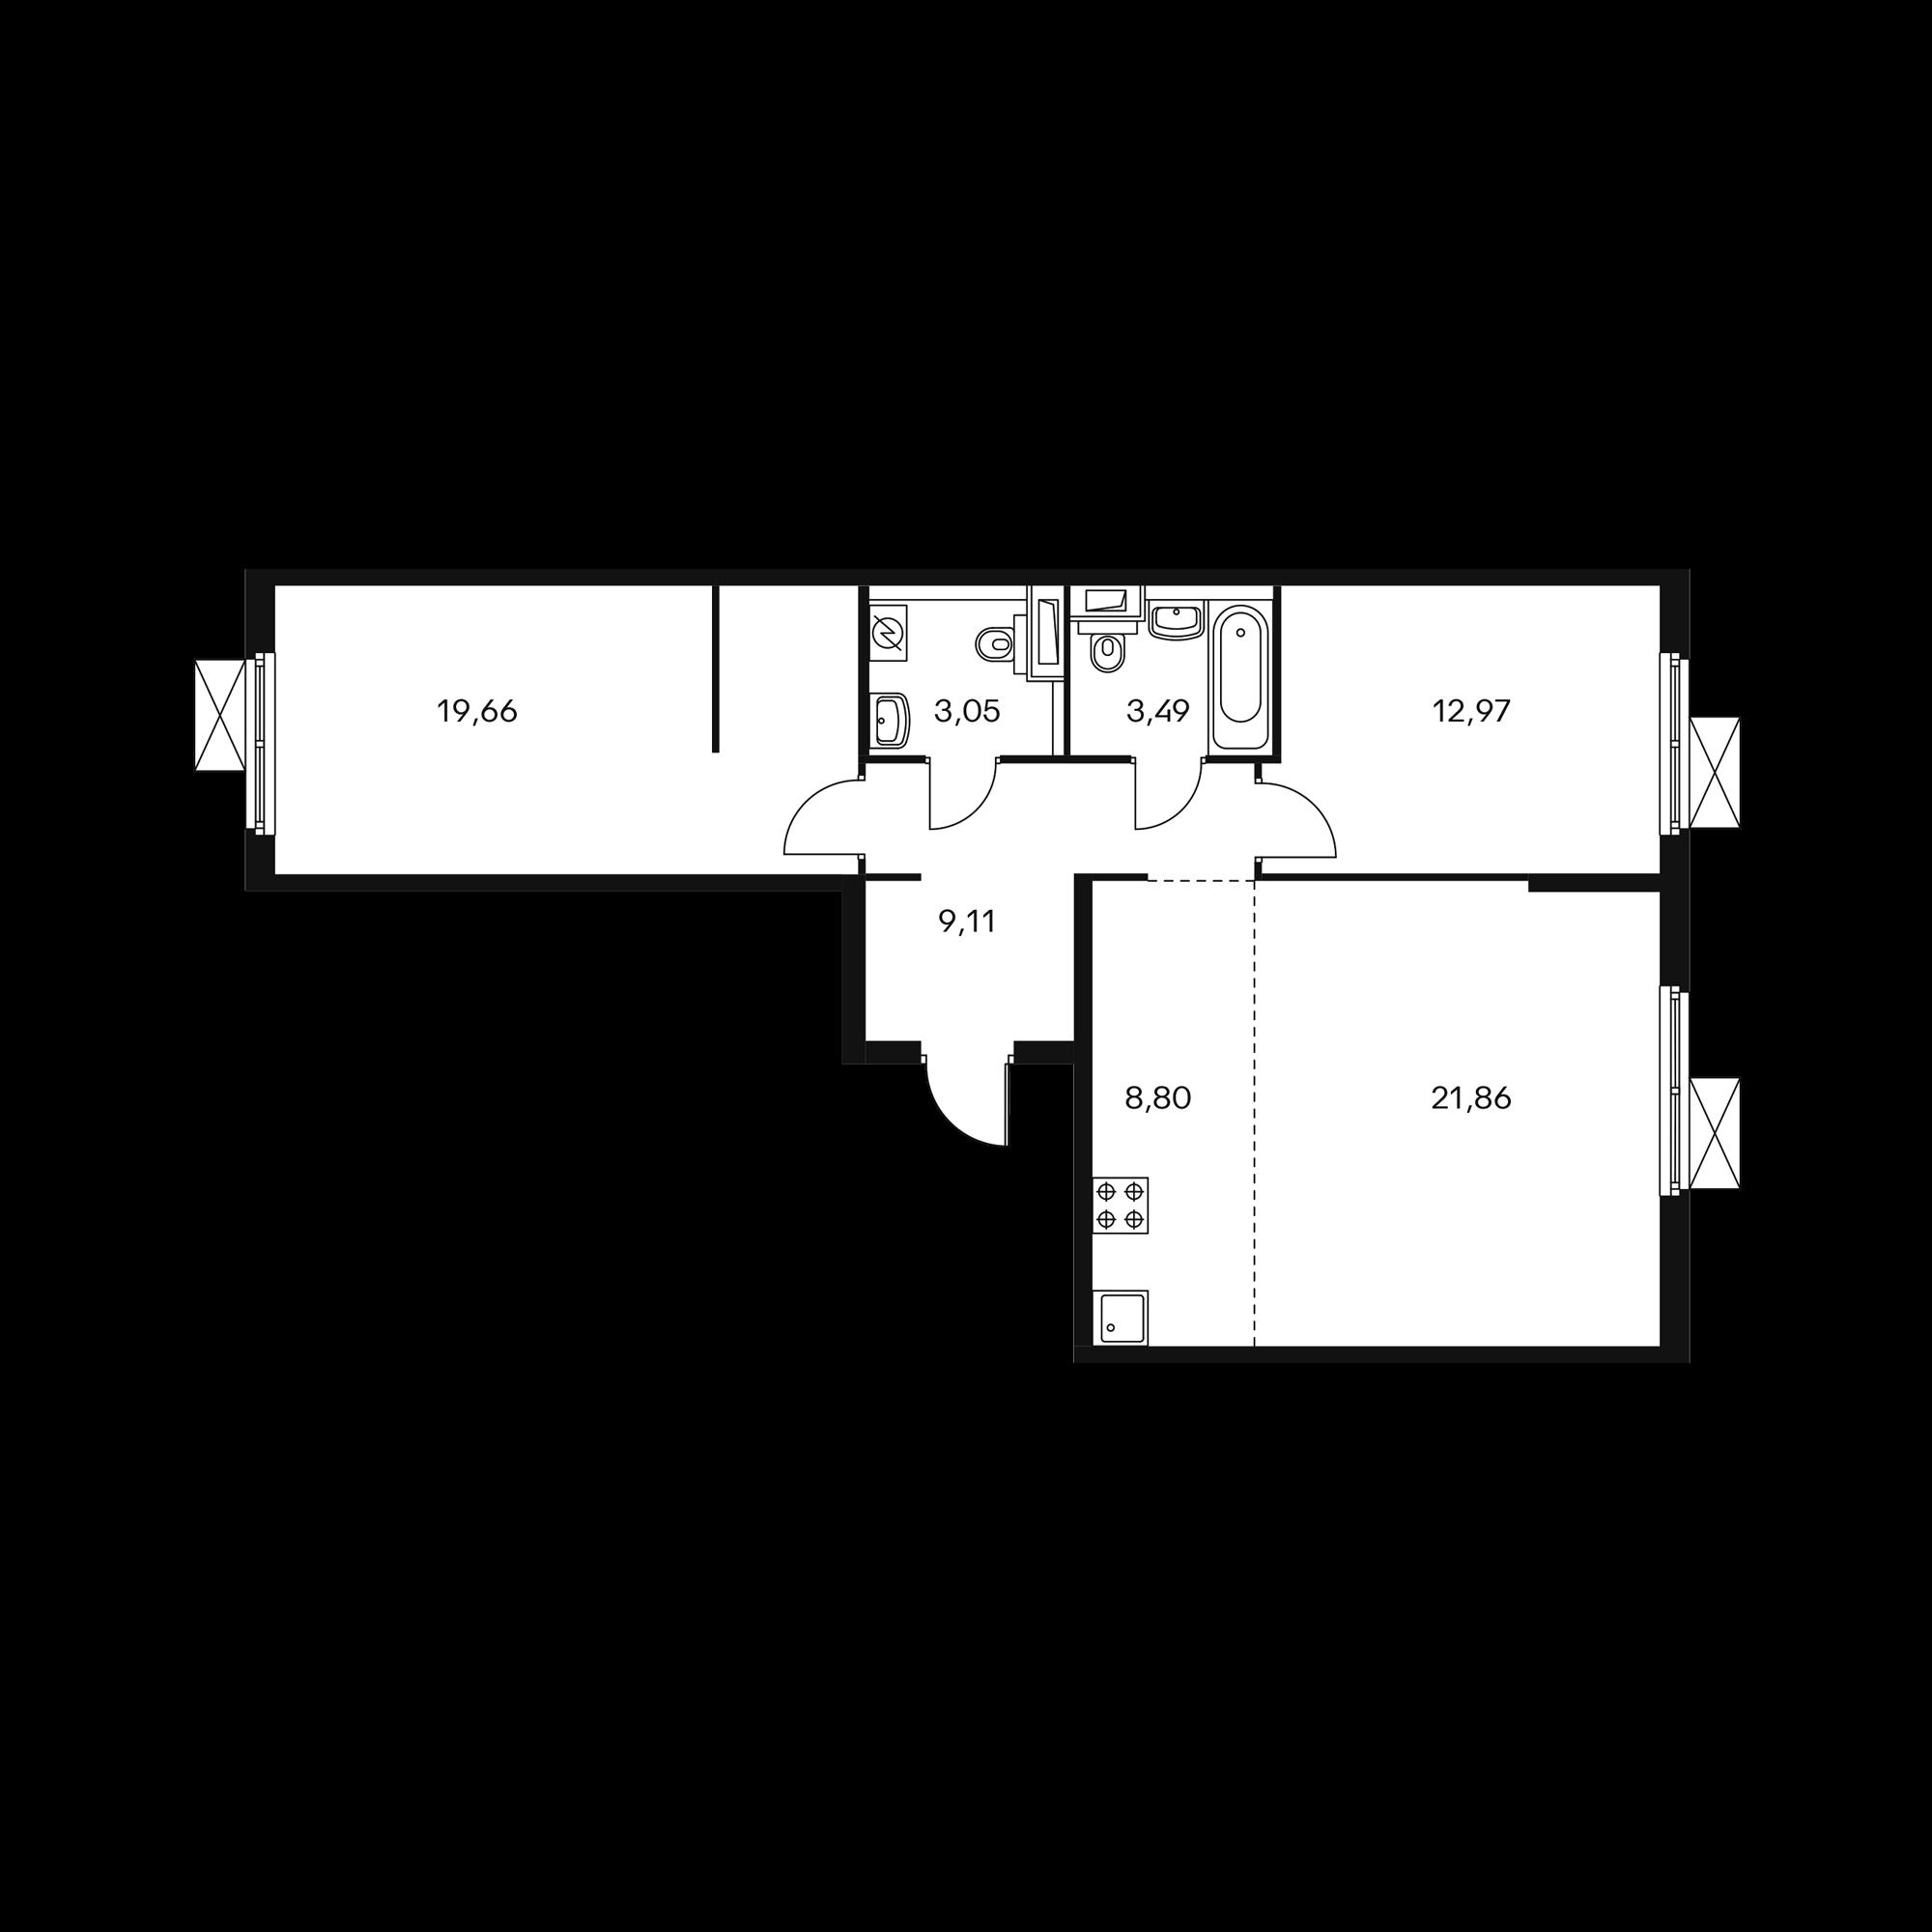 3-комнатная 78.86 м²